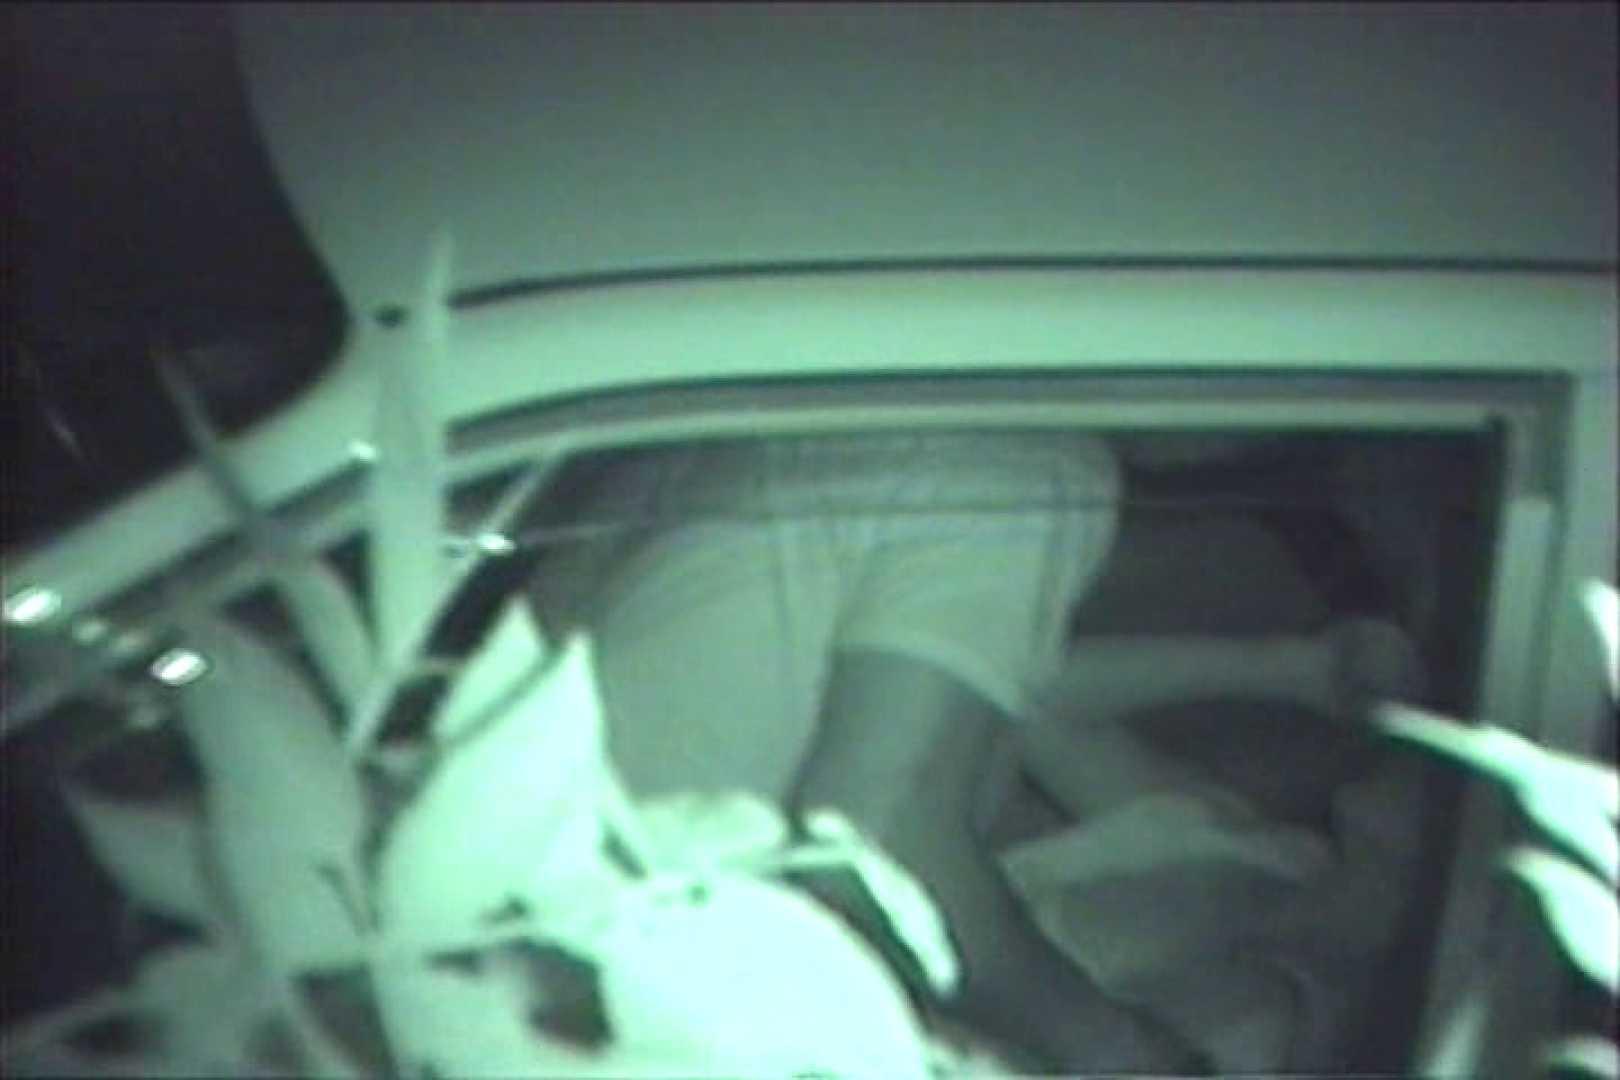 車の中はラブホテル 無修正版  Vol.18 セックス オマンコ動画キャプチャ 100pic 100